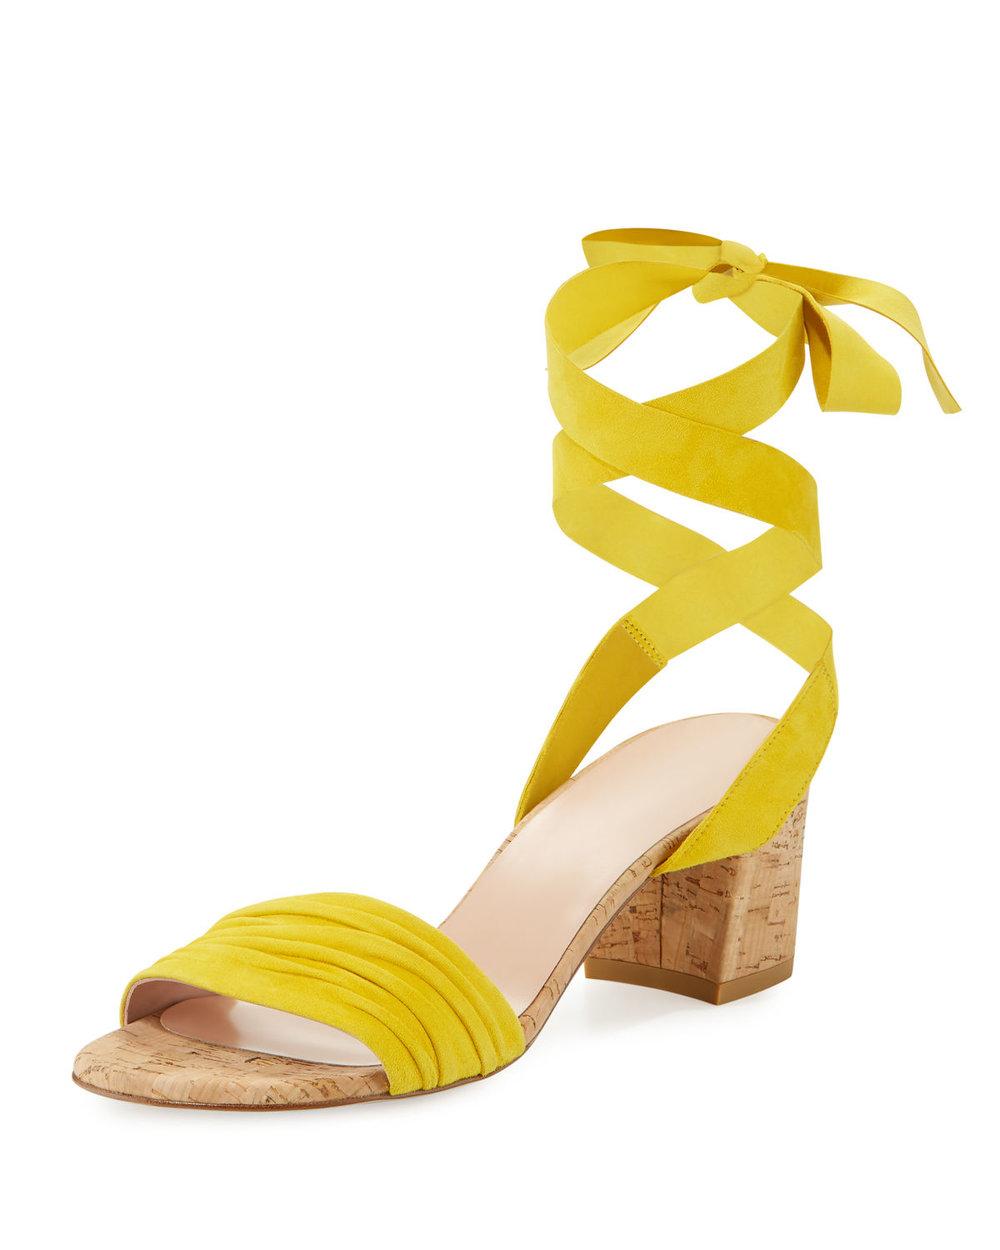 cork + suede sandals